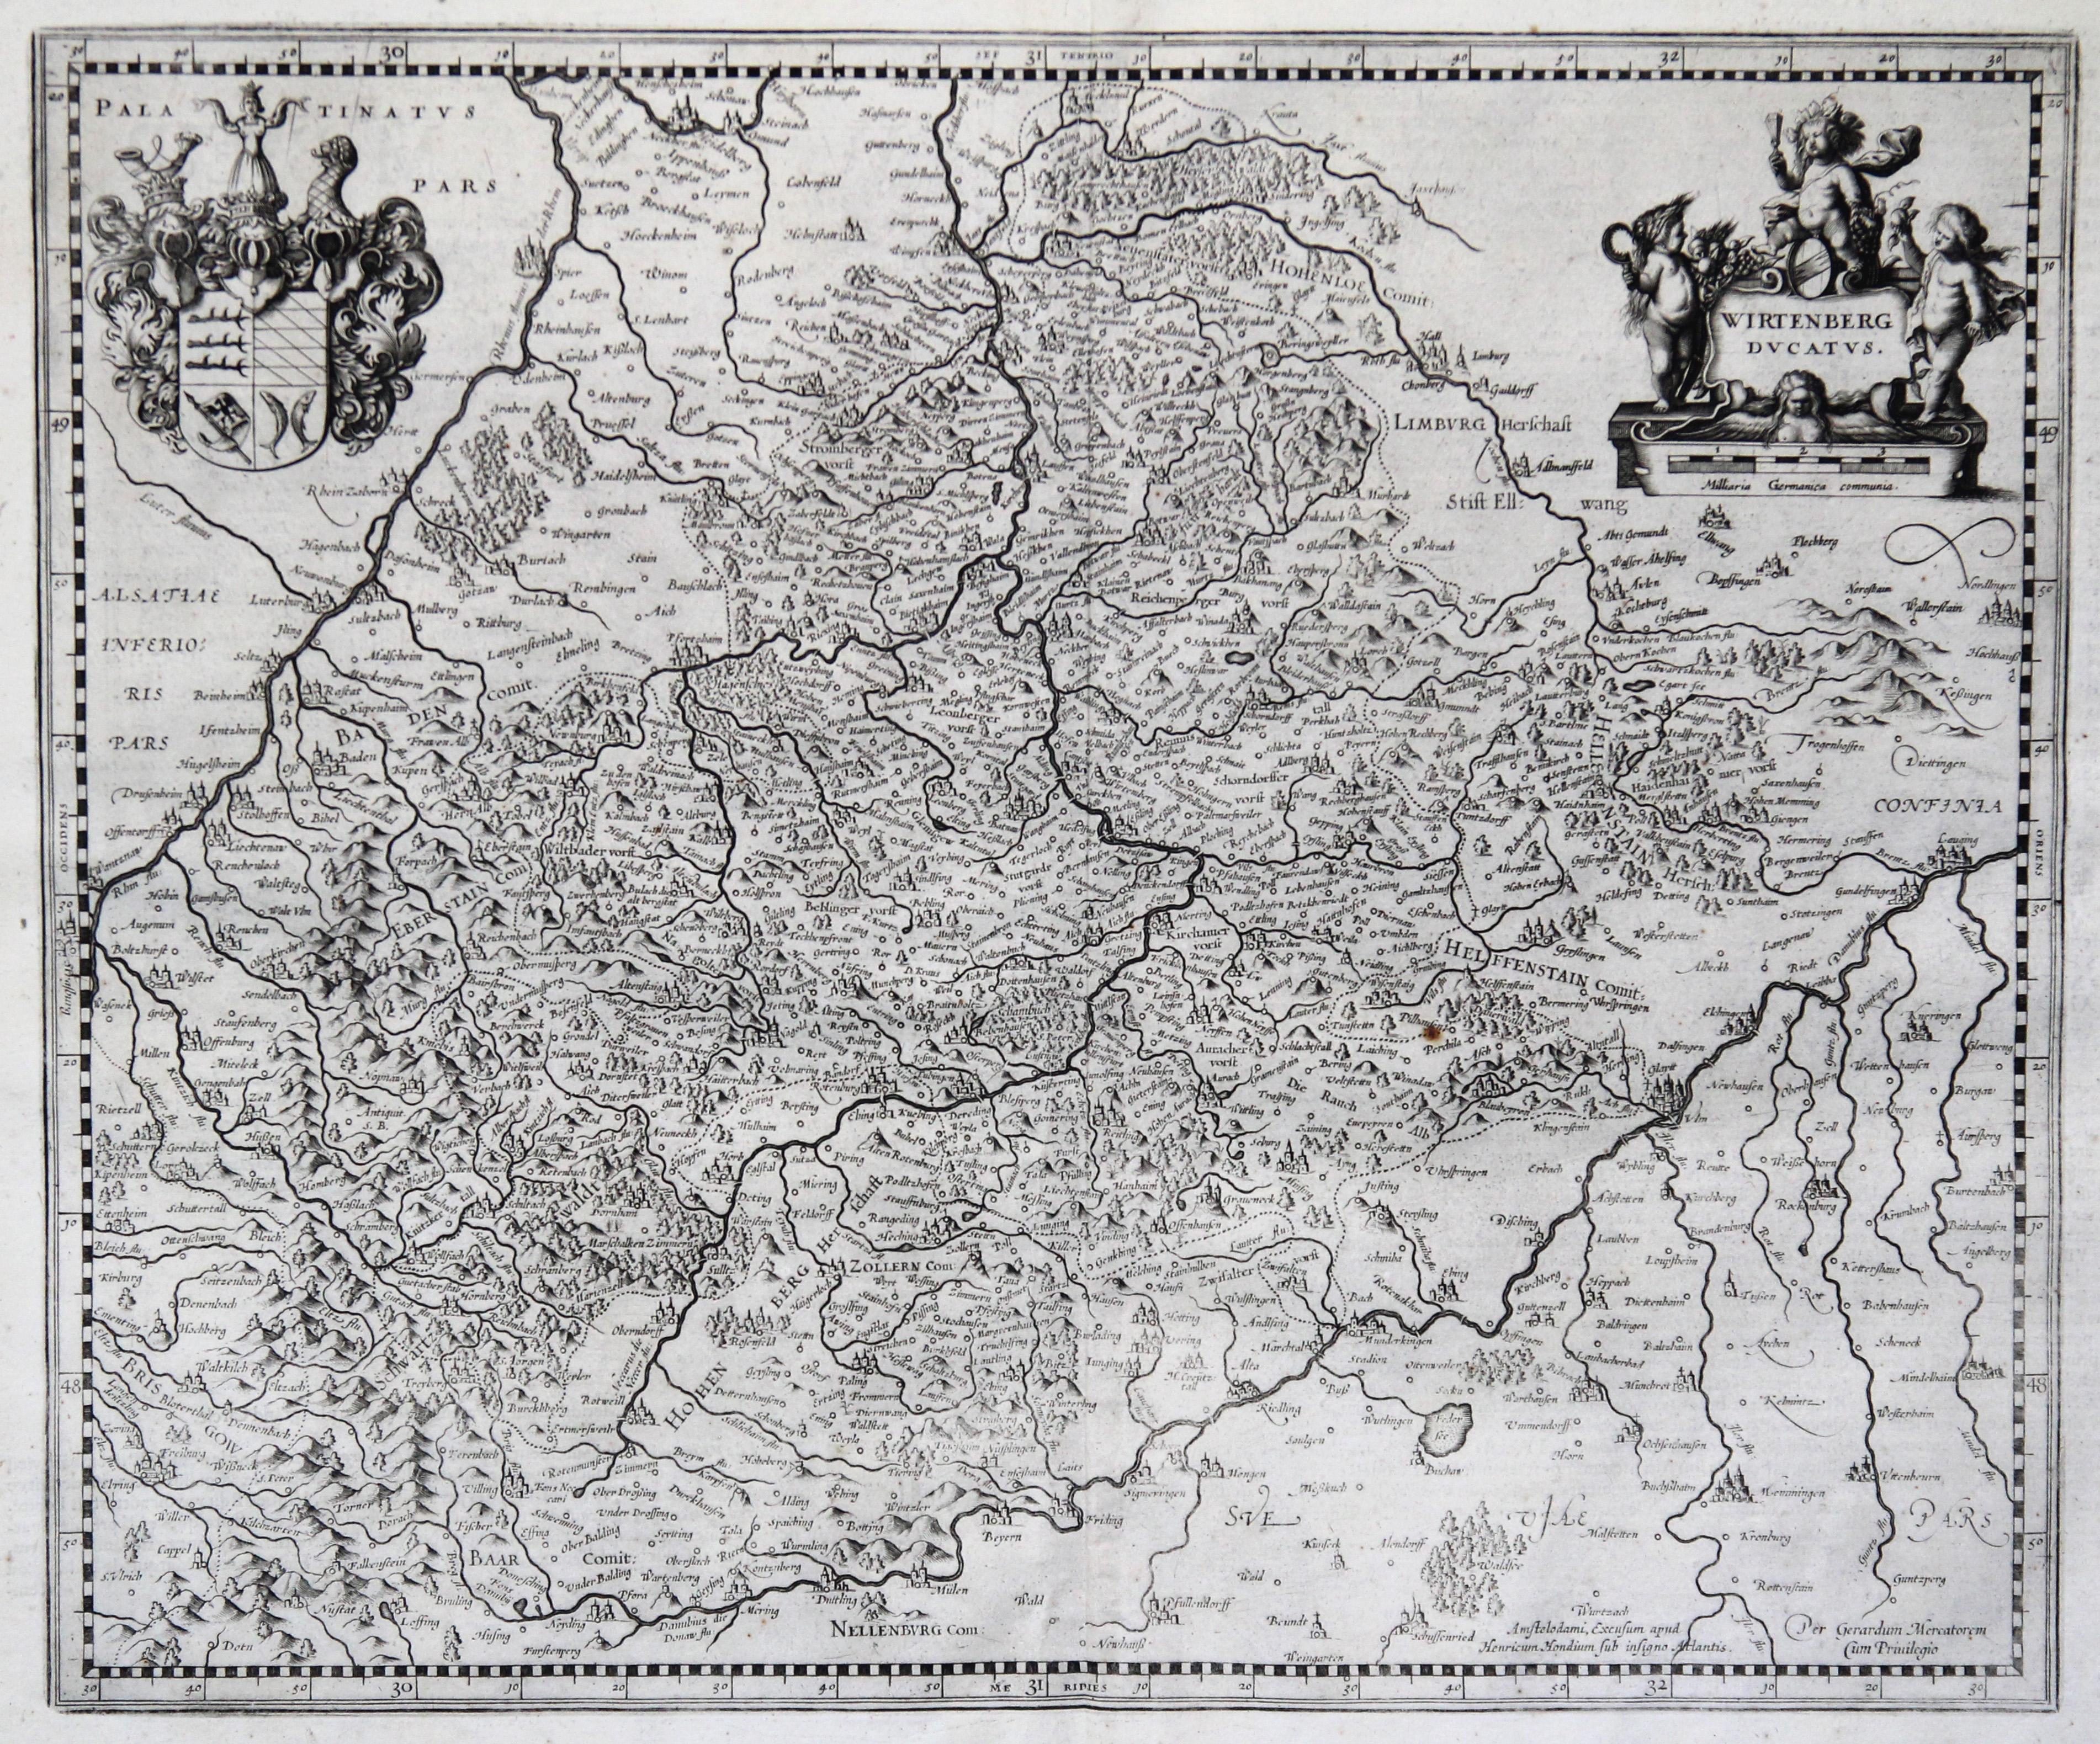 Kst.- Karte, v. G. Mercator b. Hondius,: Württemberg ( Herzogtum